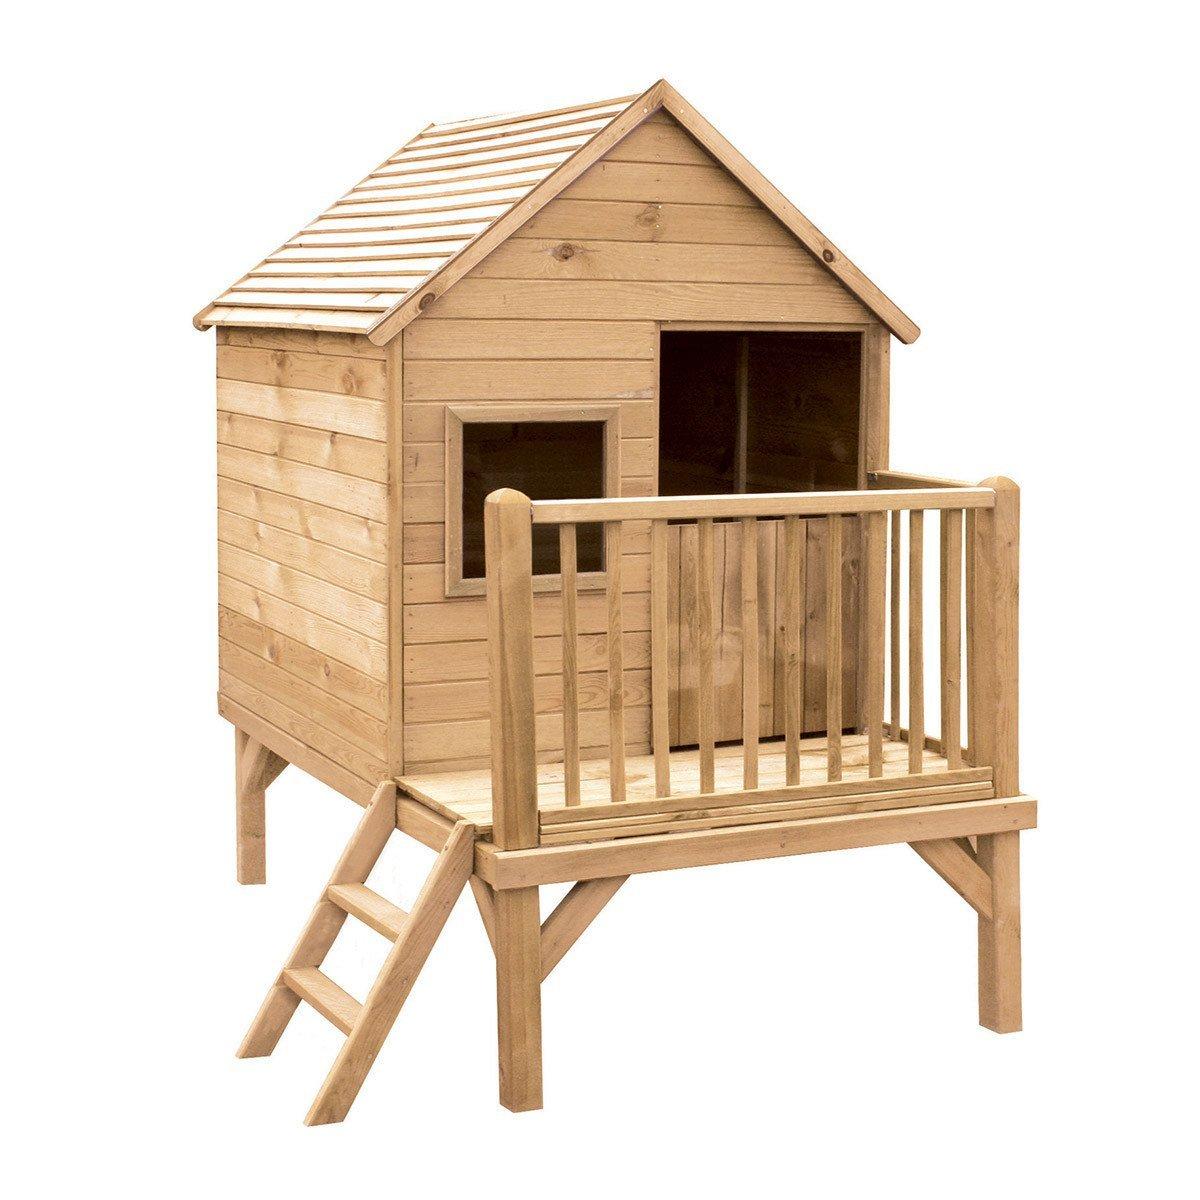 Cabane Pour Enfant Winny - Achat/vente De Jeux De Jardin Pas ... intérieur Maison De Jardin Enfant Pas Cher